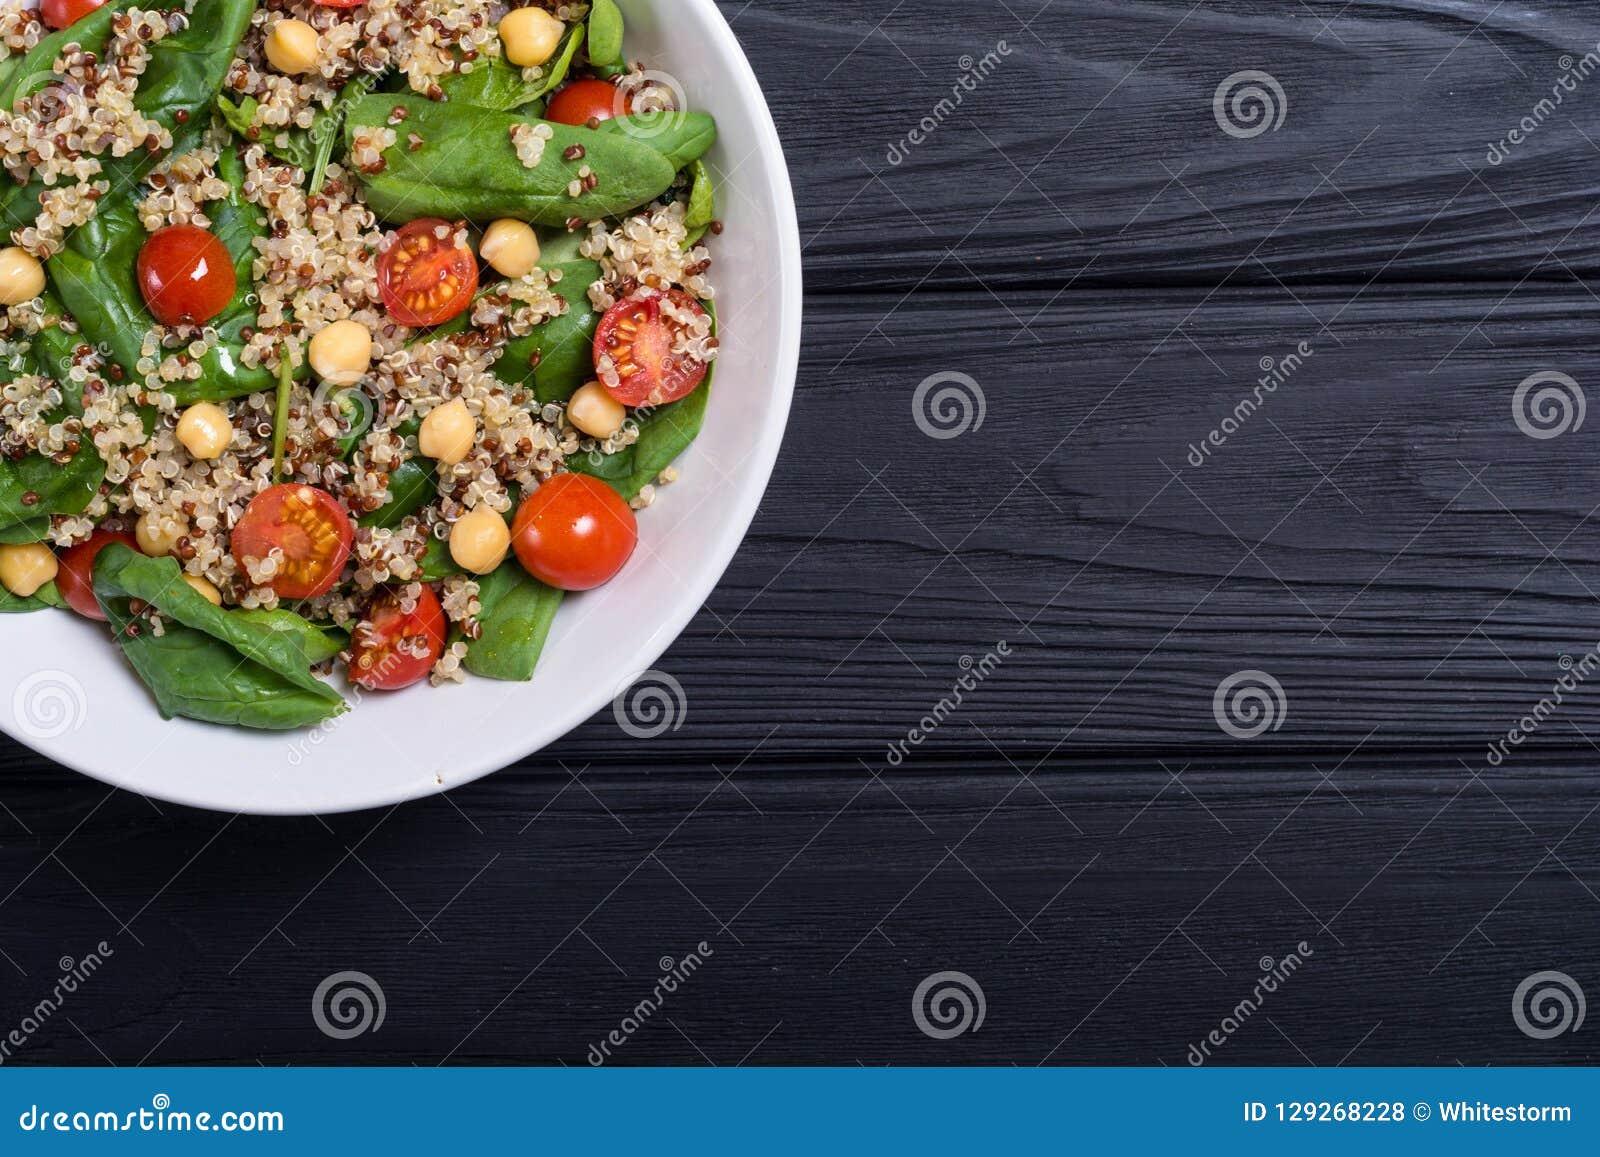 Σαλάτα σπανακιού με quinoa, τις ντομάτες και chickpea